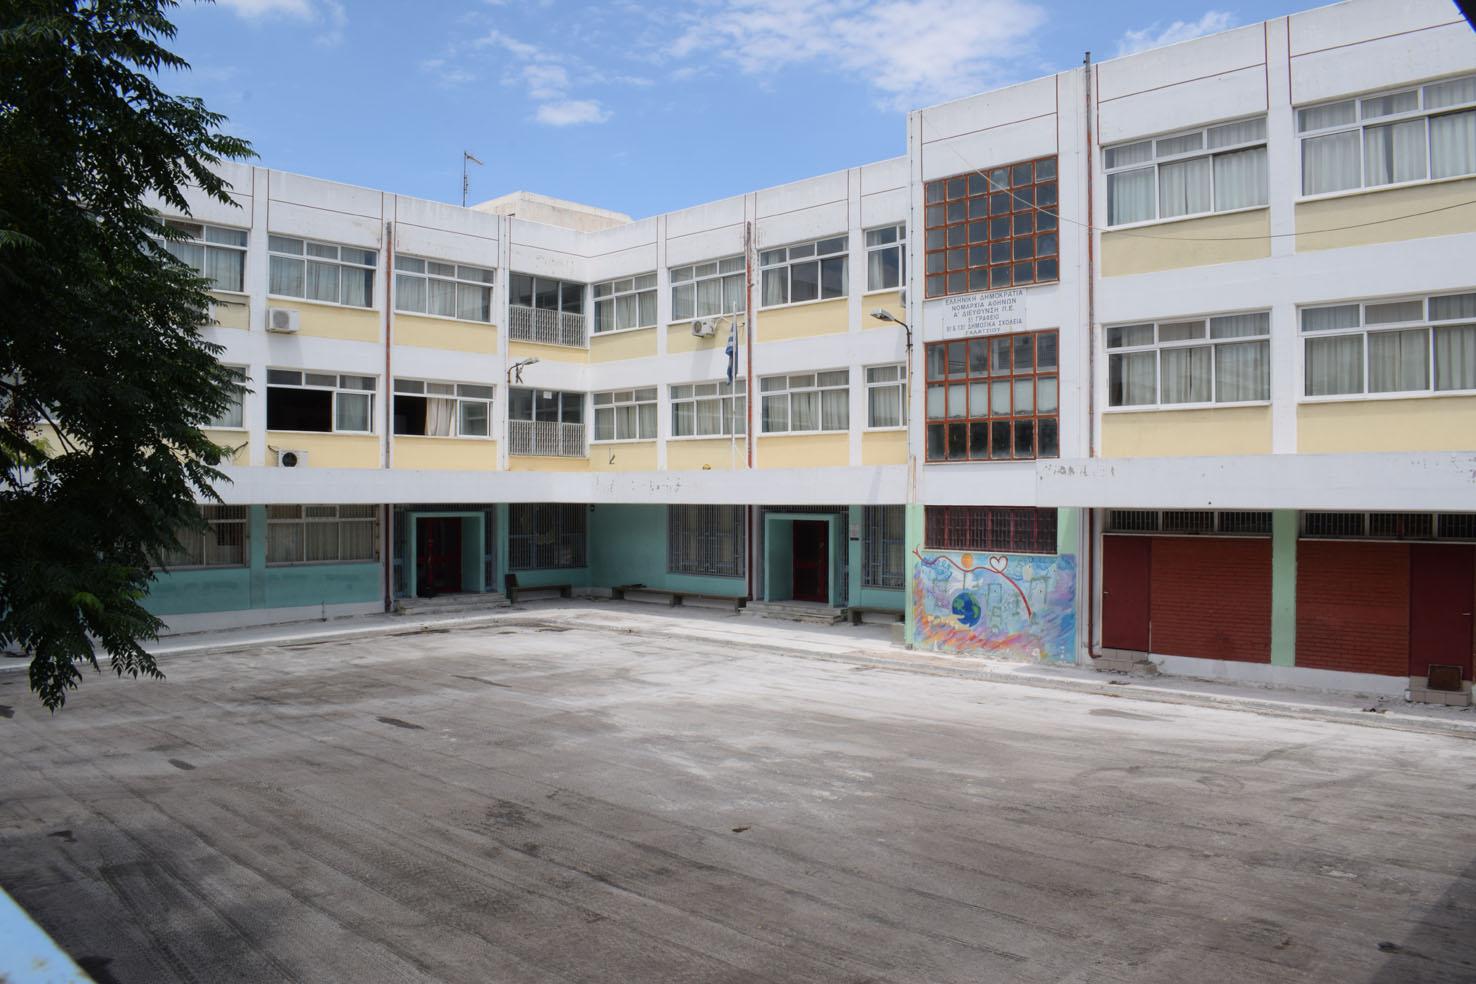 Ξεκίνησαν οι εργασίες στις αυλές σχολείων του Δήμου Γαλατσίου